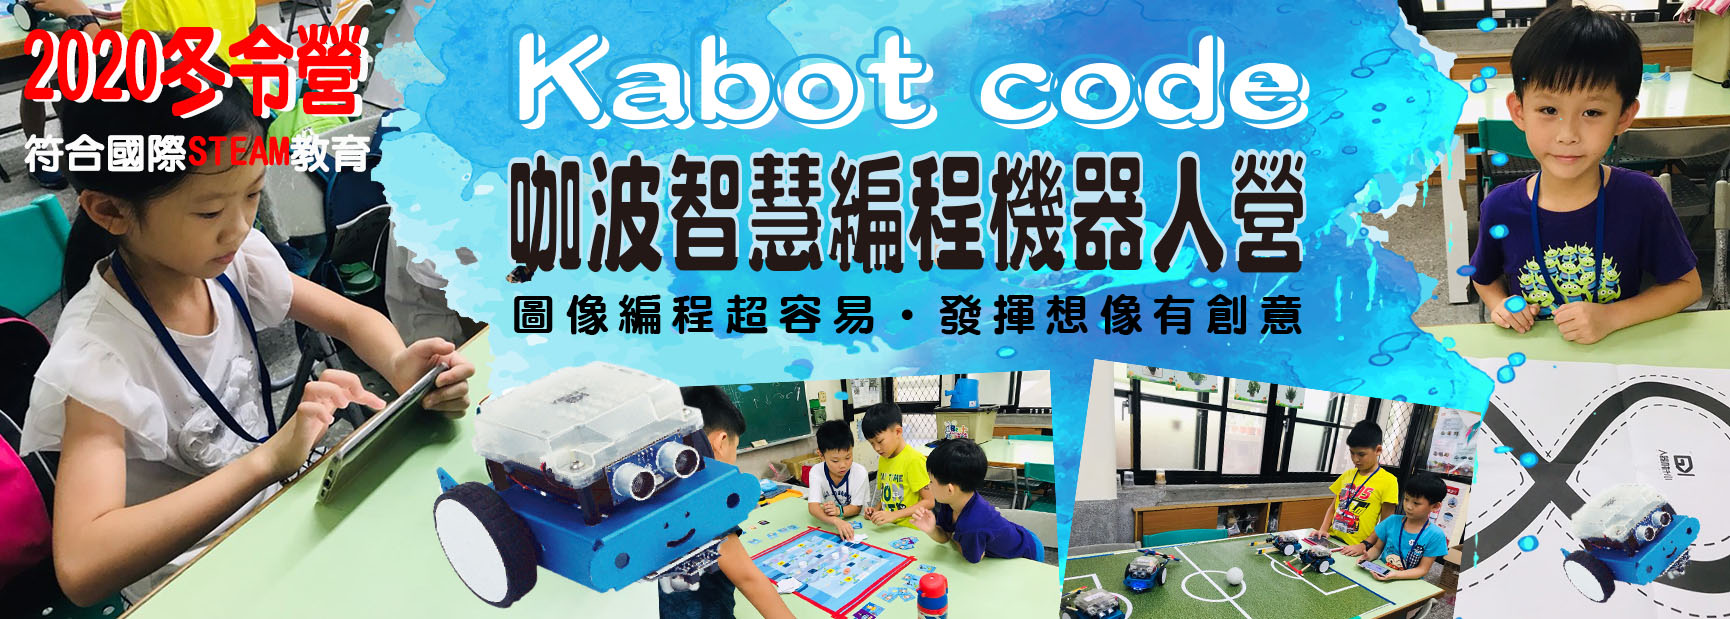 Kabot code咖波智慧編程機器人冬令營